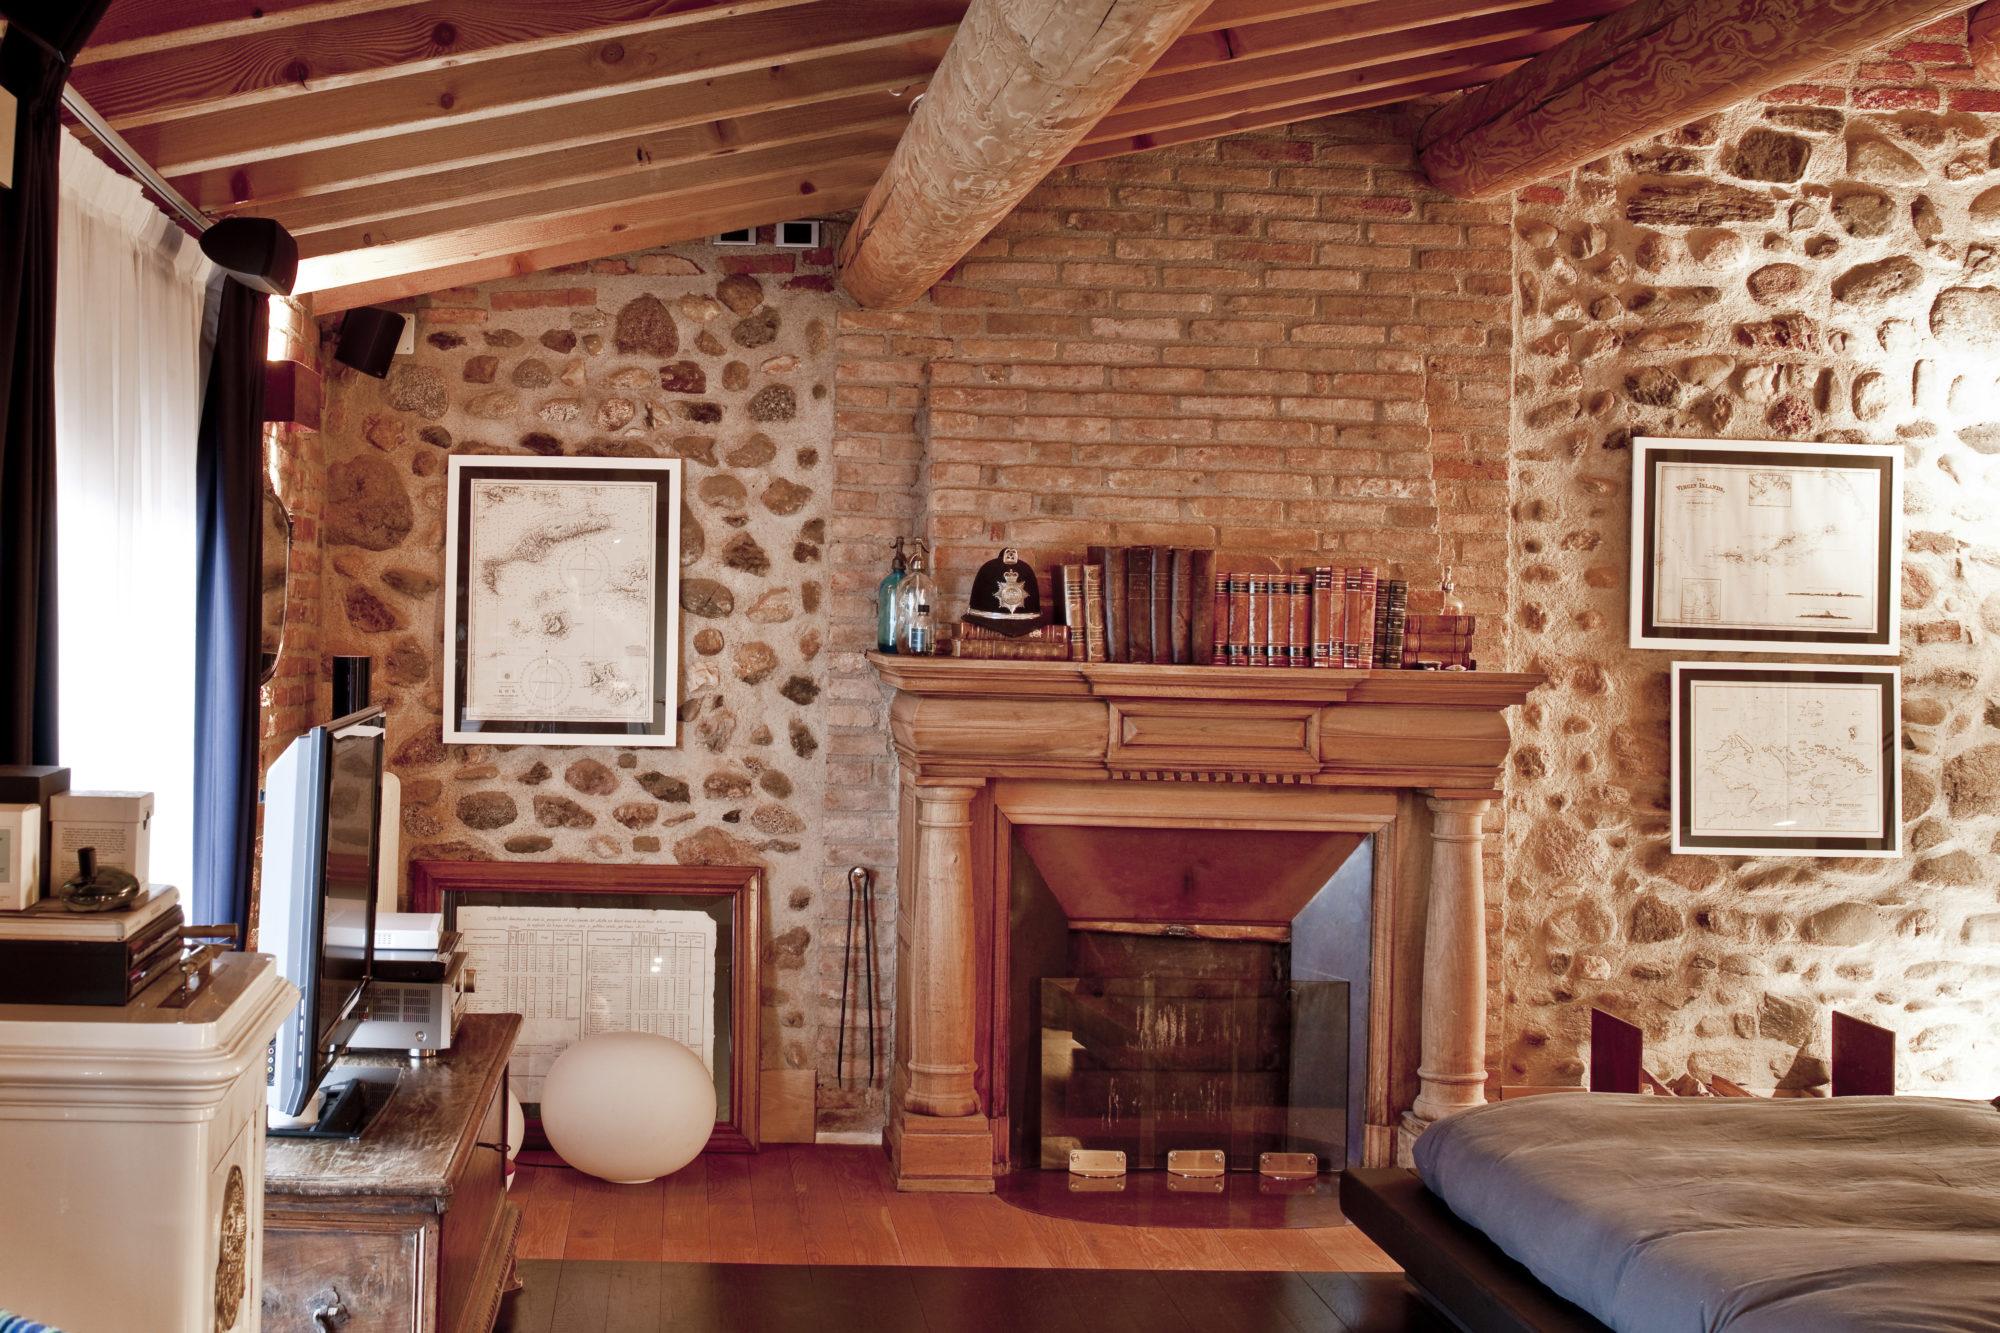 Casa di campagna interno fotografo brescia ottavio tomasini for Casa interni